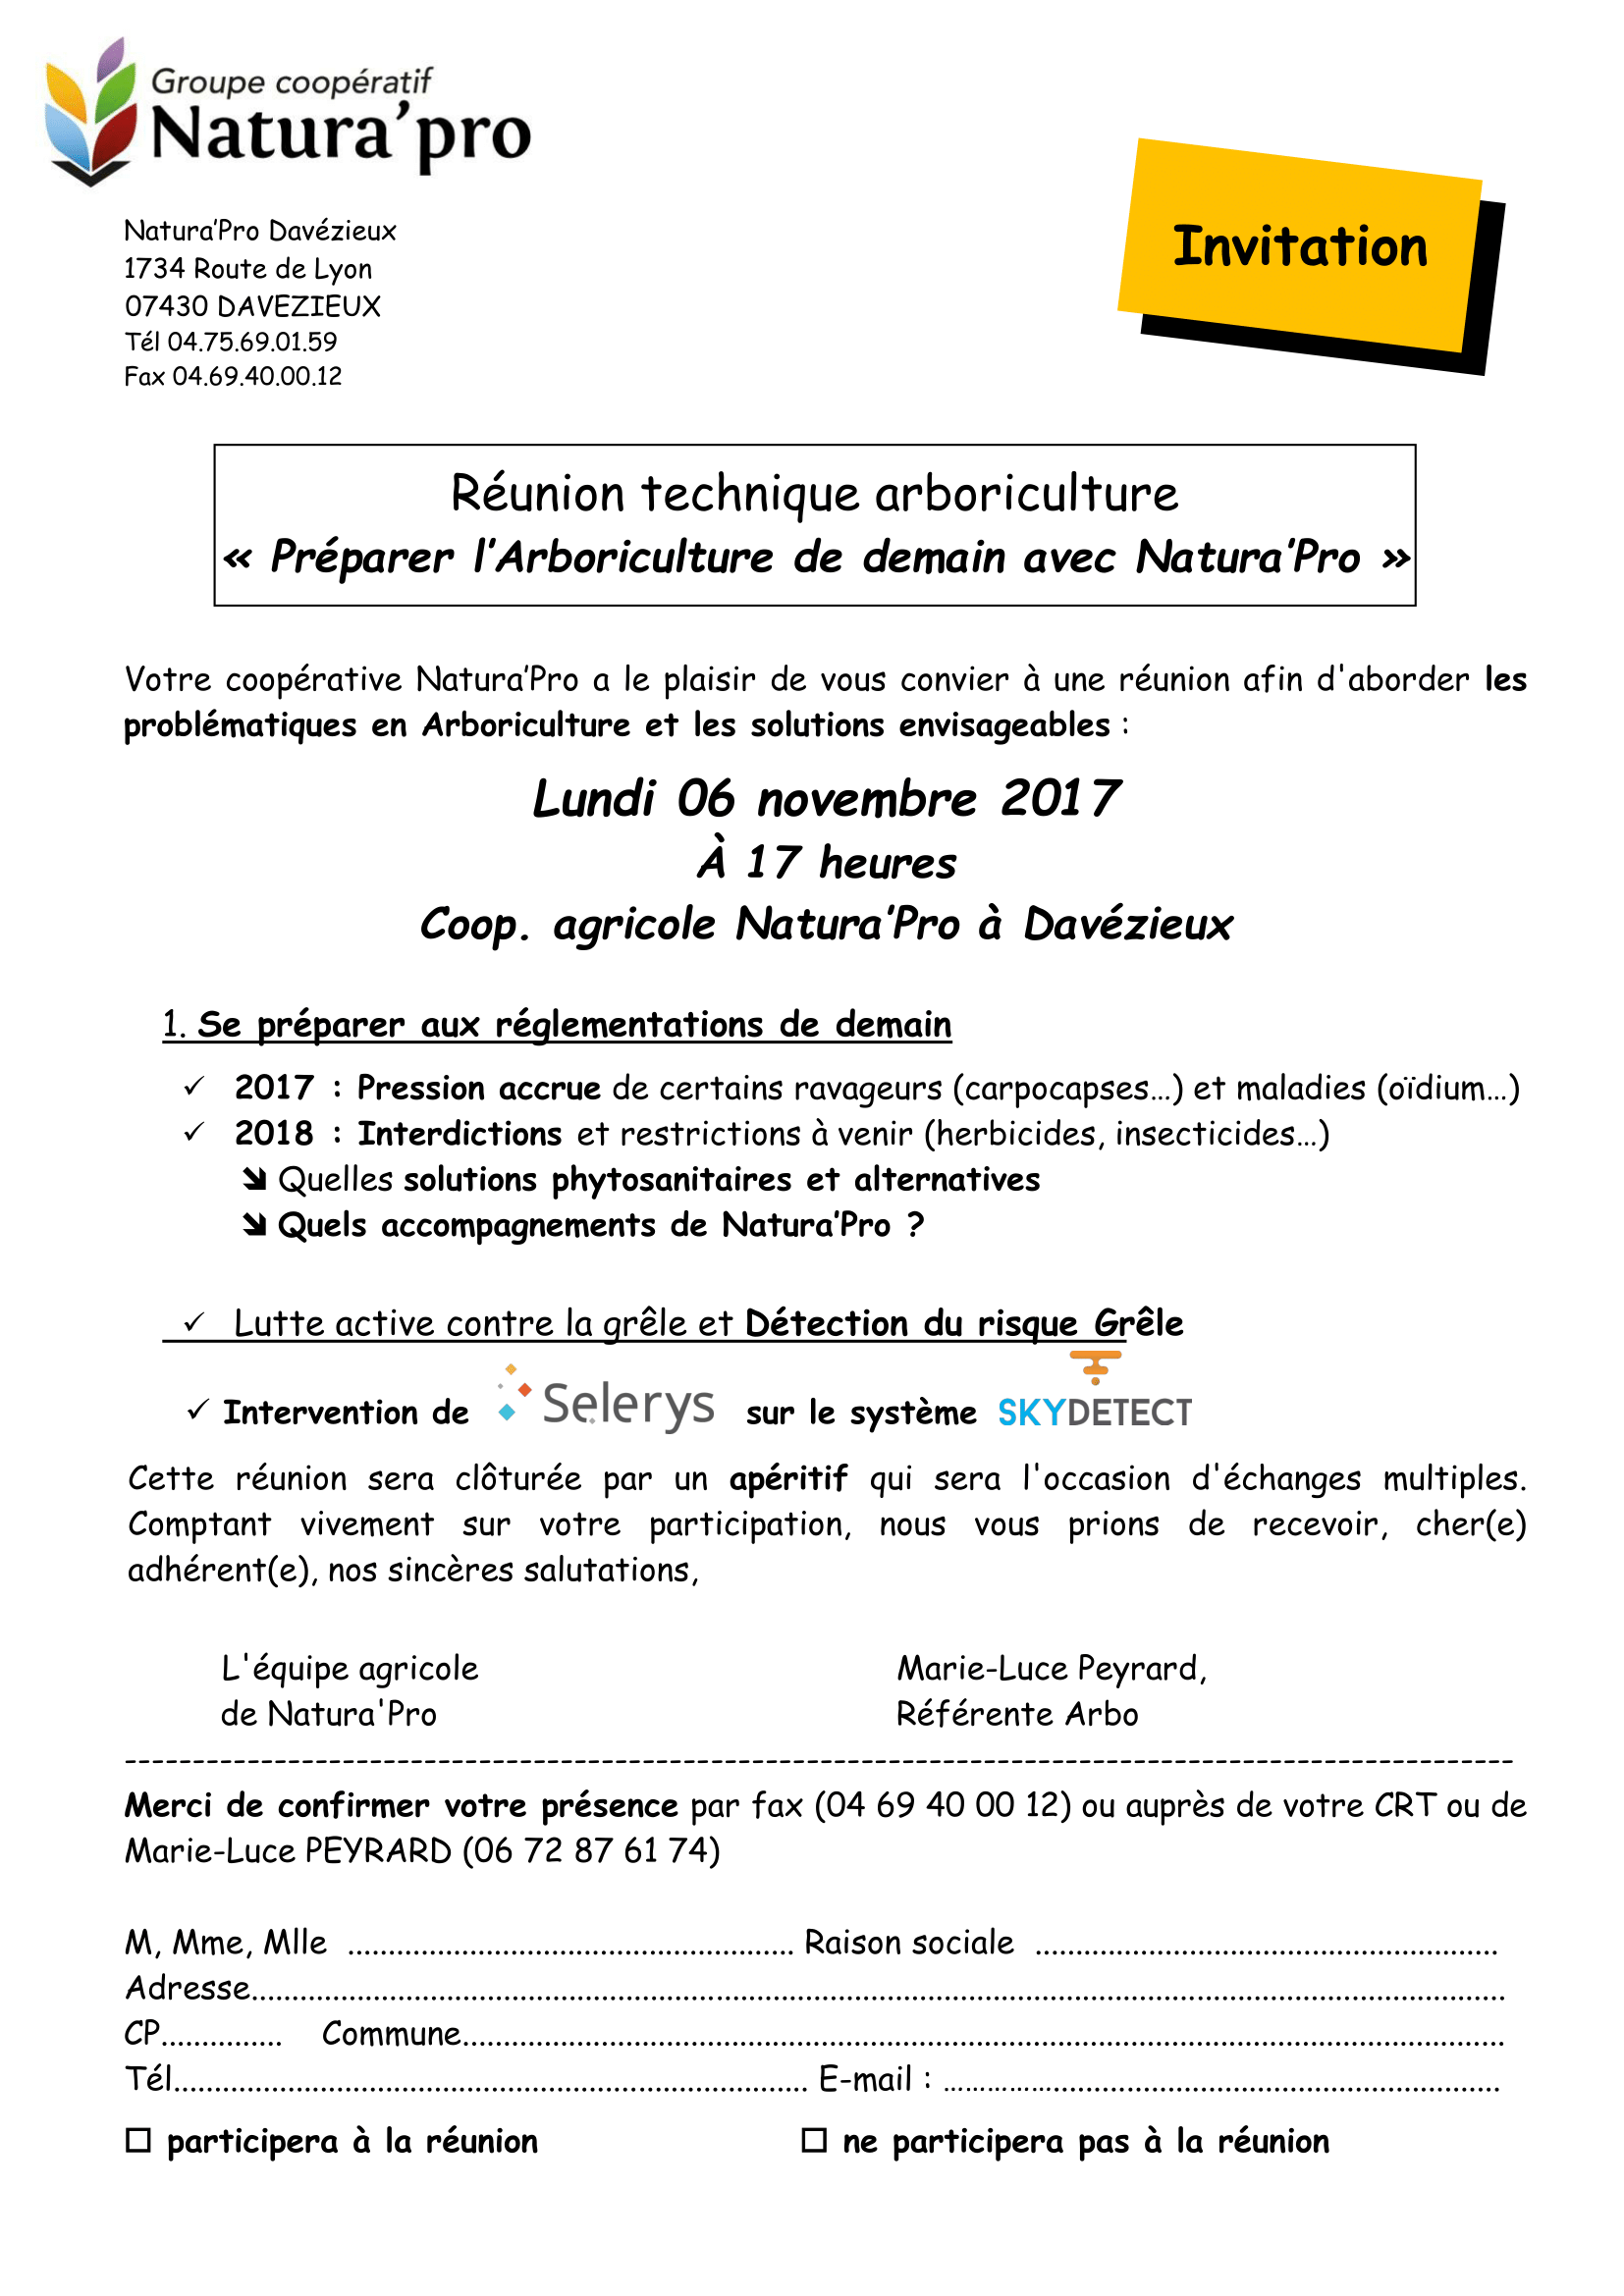 invitation-reunion-naturapro-davezieux-6-novembre-2017-1